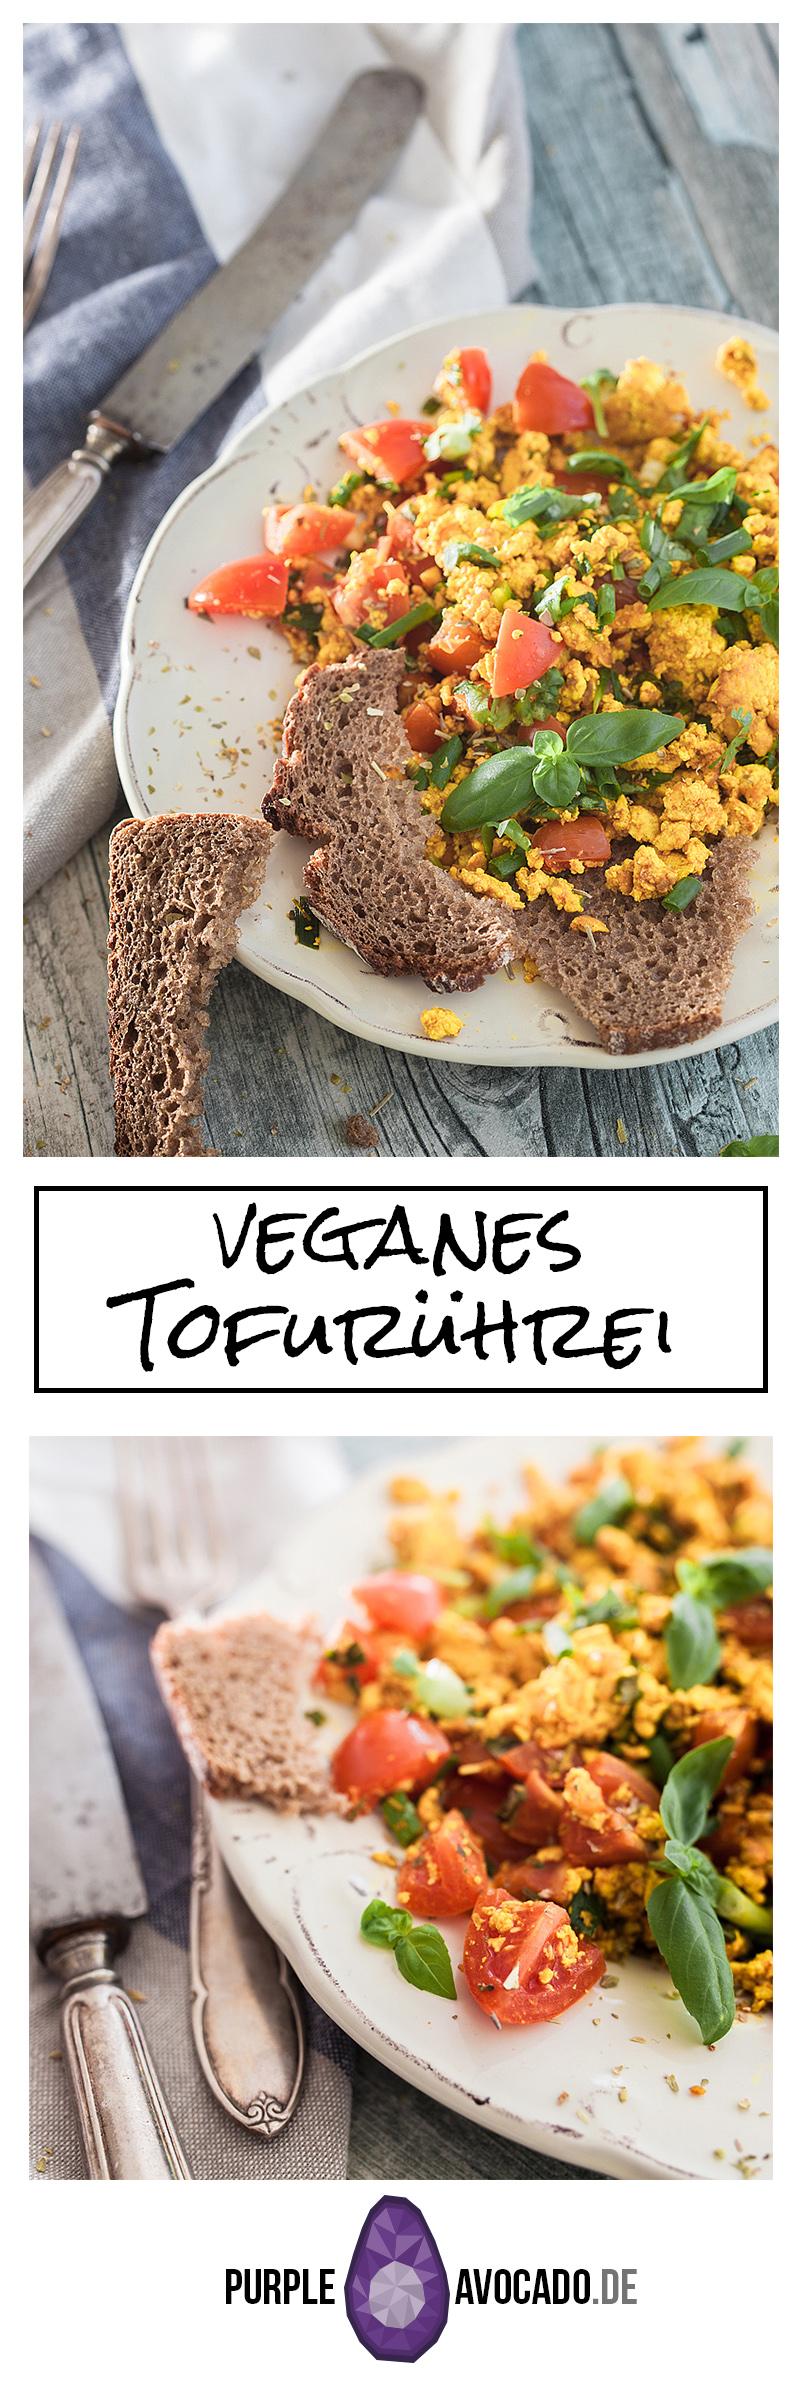 Tofurührei ist die vegane Variante des klassischen Rühreis und braucht sich definitiv nicht dahinter verstecken. Es ist einfach zu machen und superlecker